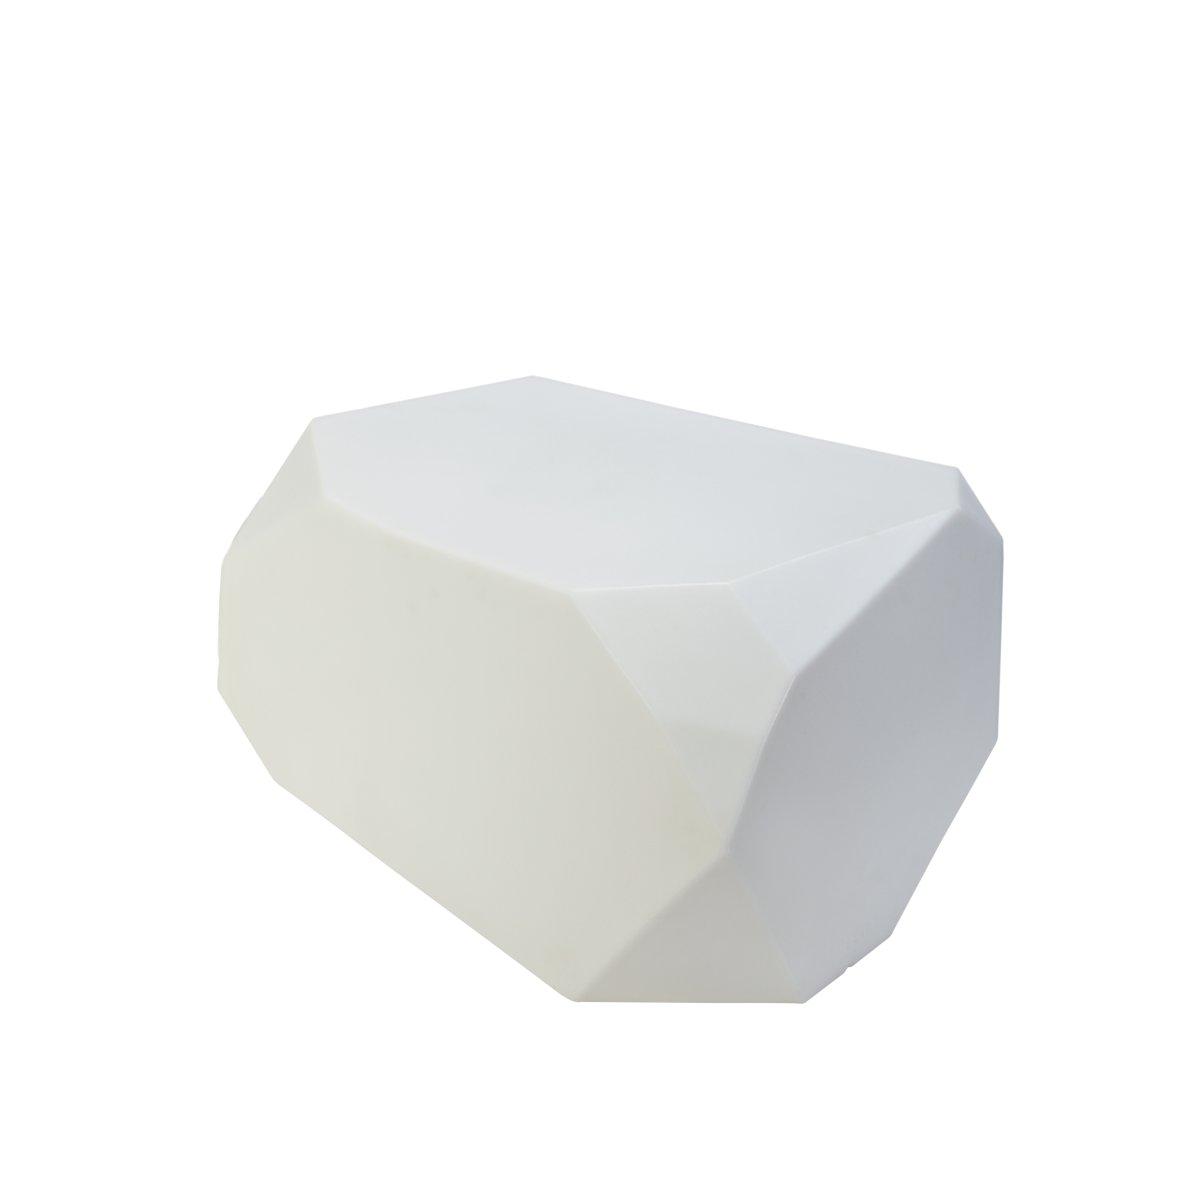 SERENO Sitzkristall / Hocker beleuchtet LED mit Akku, weiß